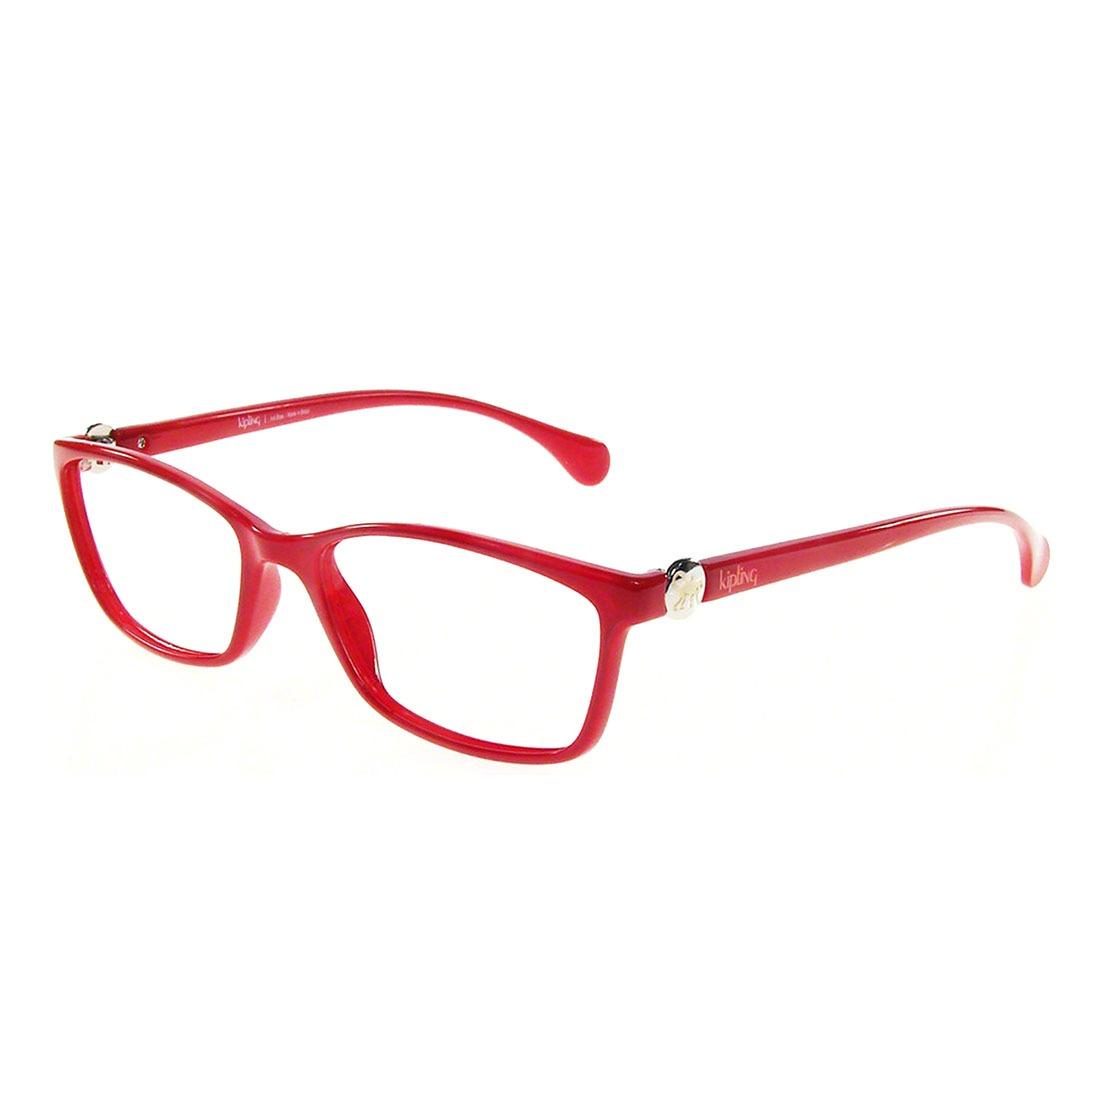 14be8e8ad Kipling Kp 3060 Óculos De Grau - R$ 288,67 em Mercado Livre